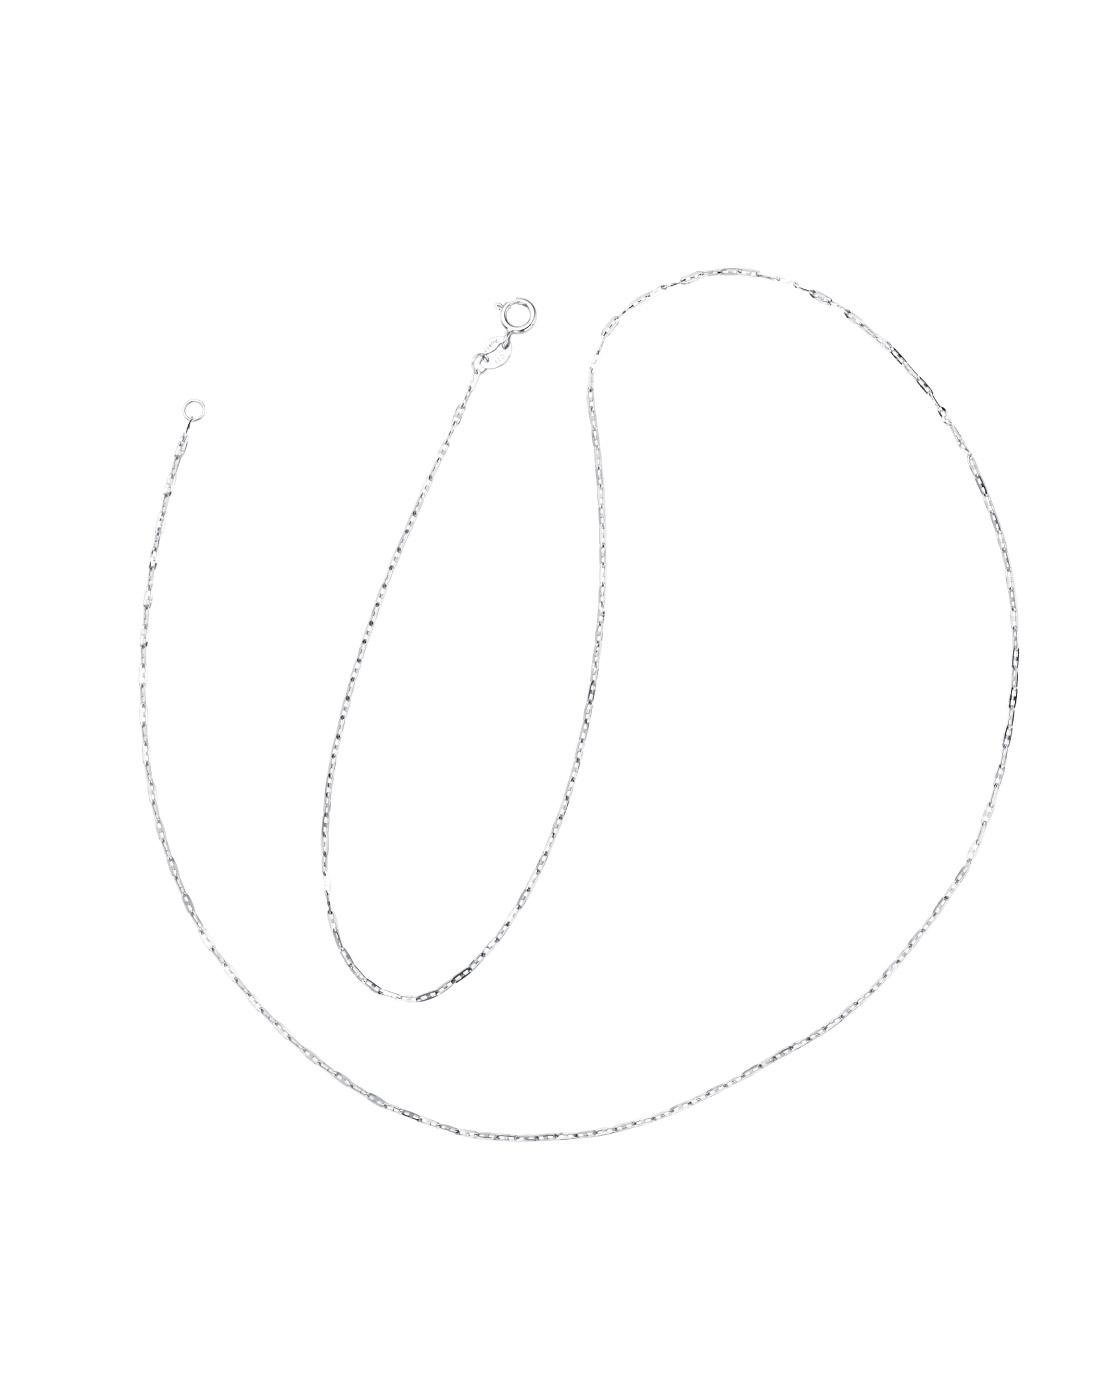 一对项链手绘设计图